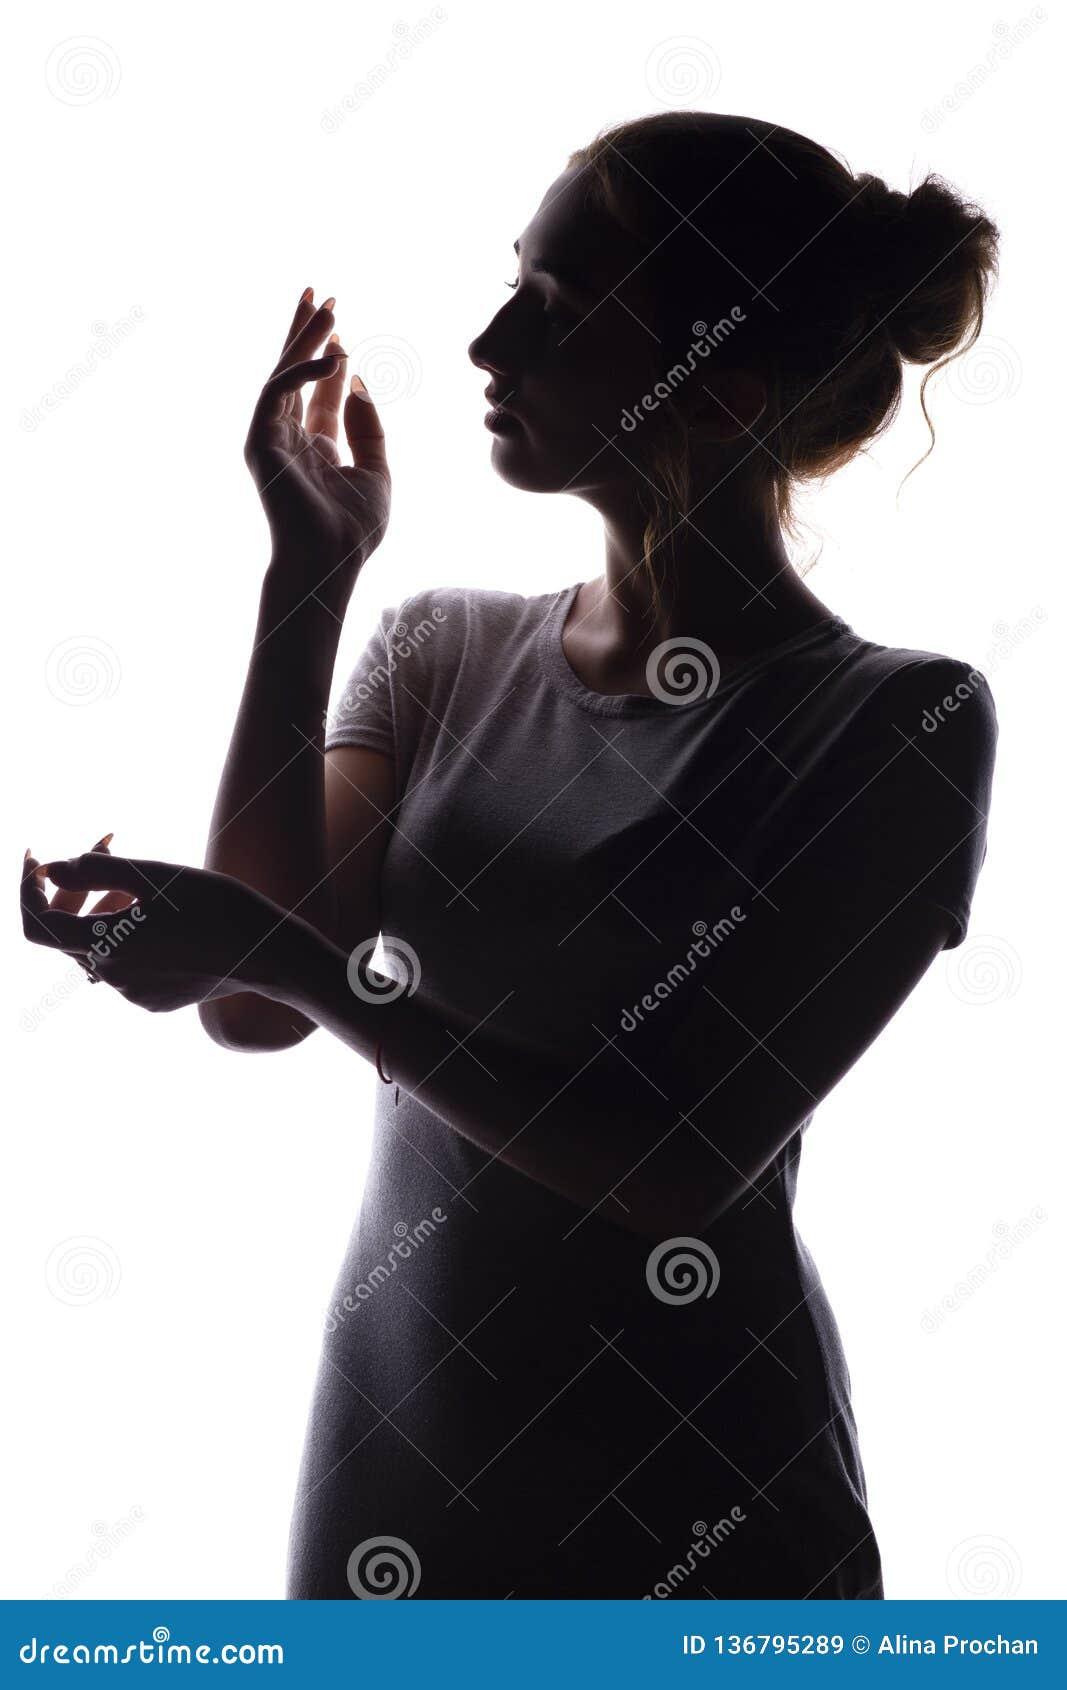 Kontur av en ung kvinna som poserar som en docka, diagramet av en ung kvinna med behagfullt fastställda händer